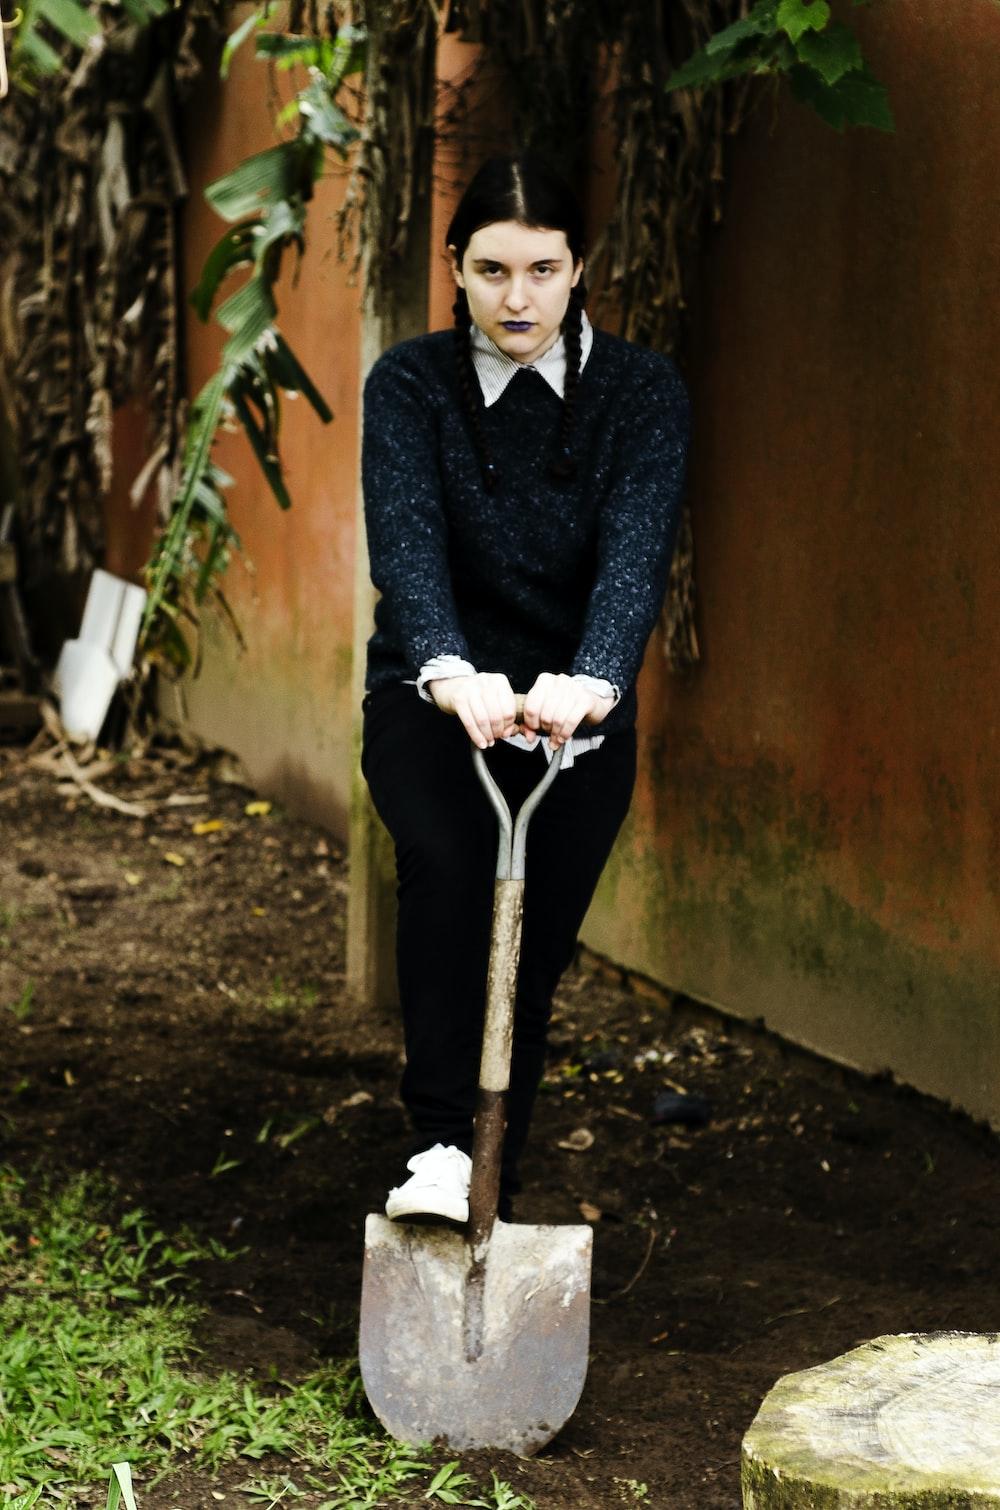 woman holding shovel near wall photo – Free Human Image on Unsplash